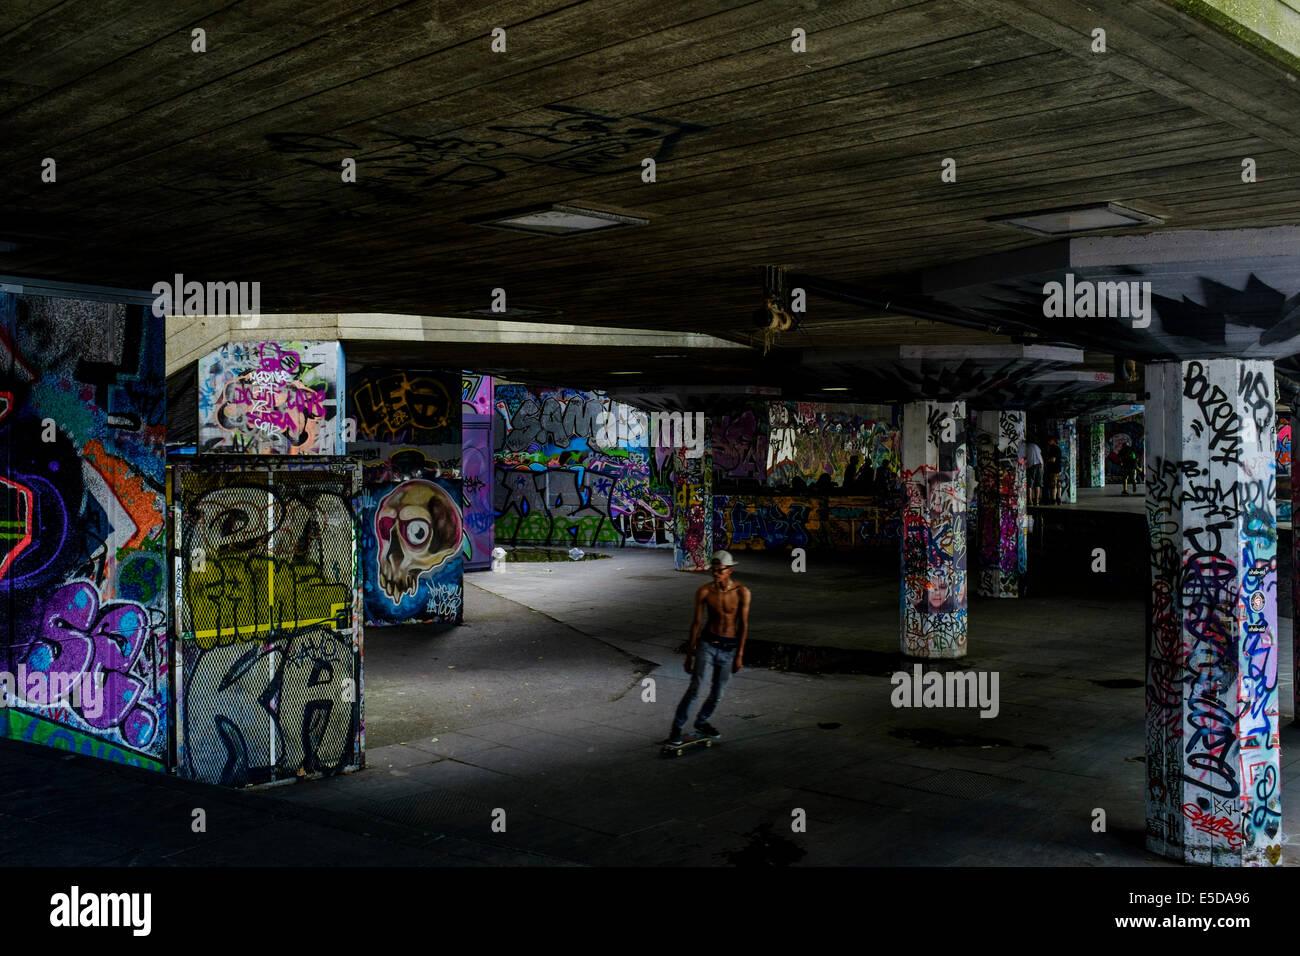 Fotografía urbana de Londres: Lone skater en el Southbank skatepark, Londres, Reino Unido. Imagen De Stock